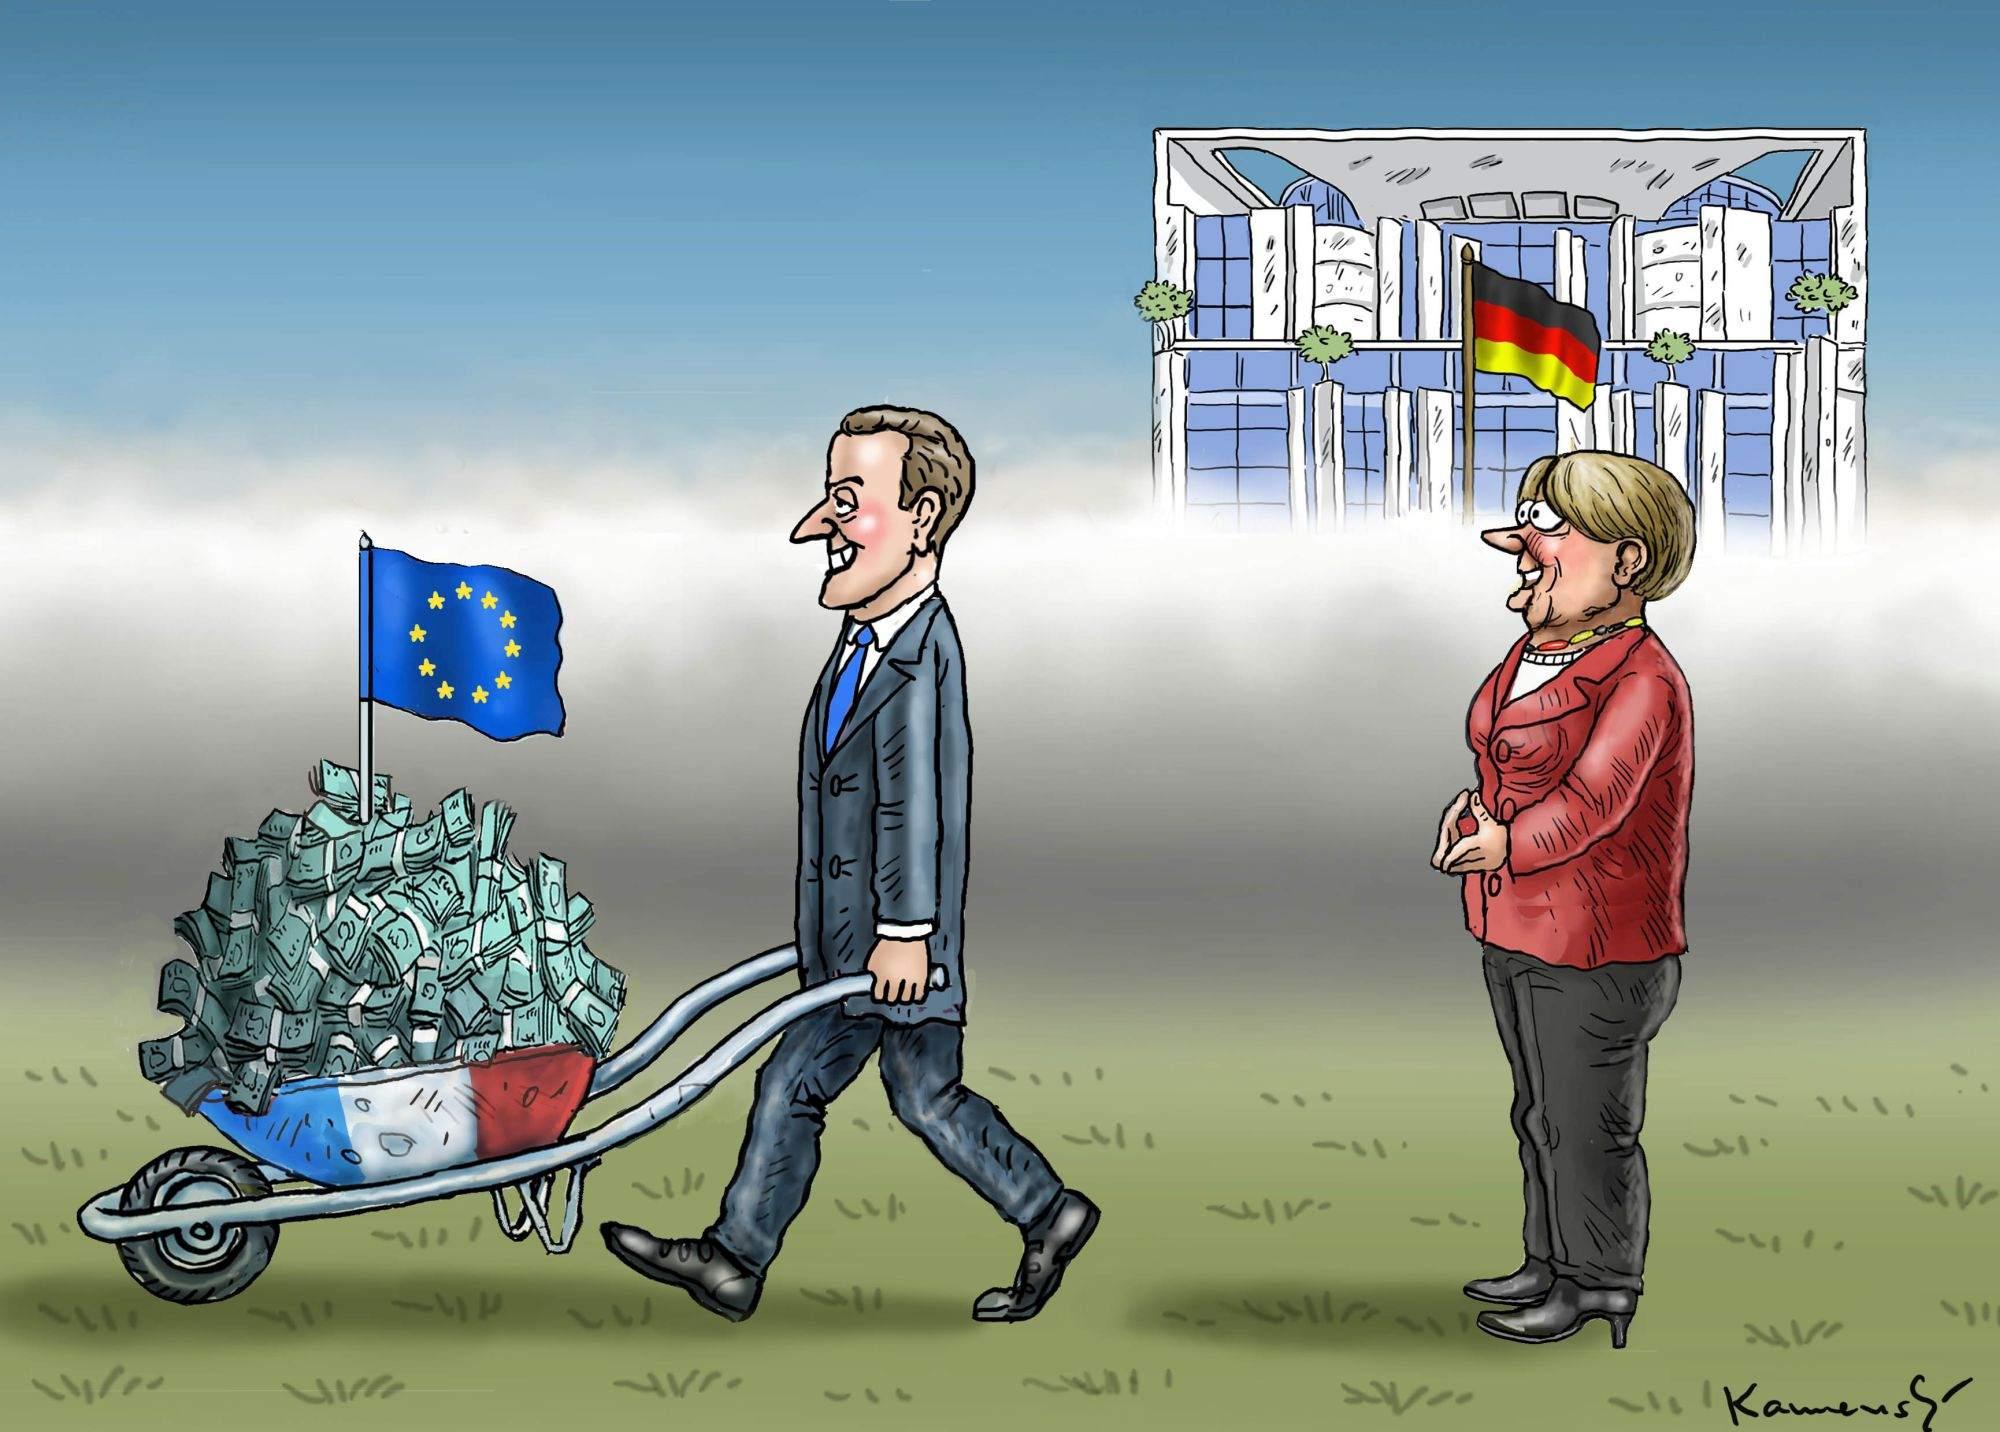 frankreich weg demokratie